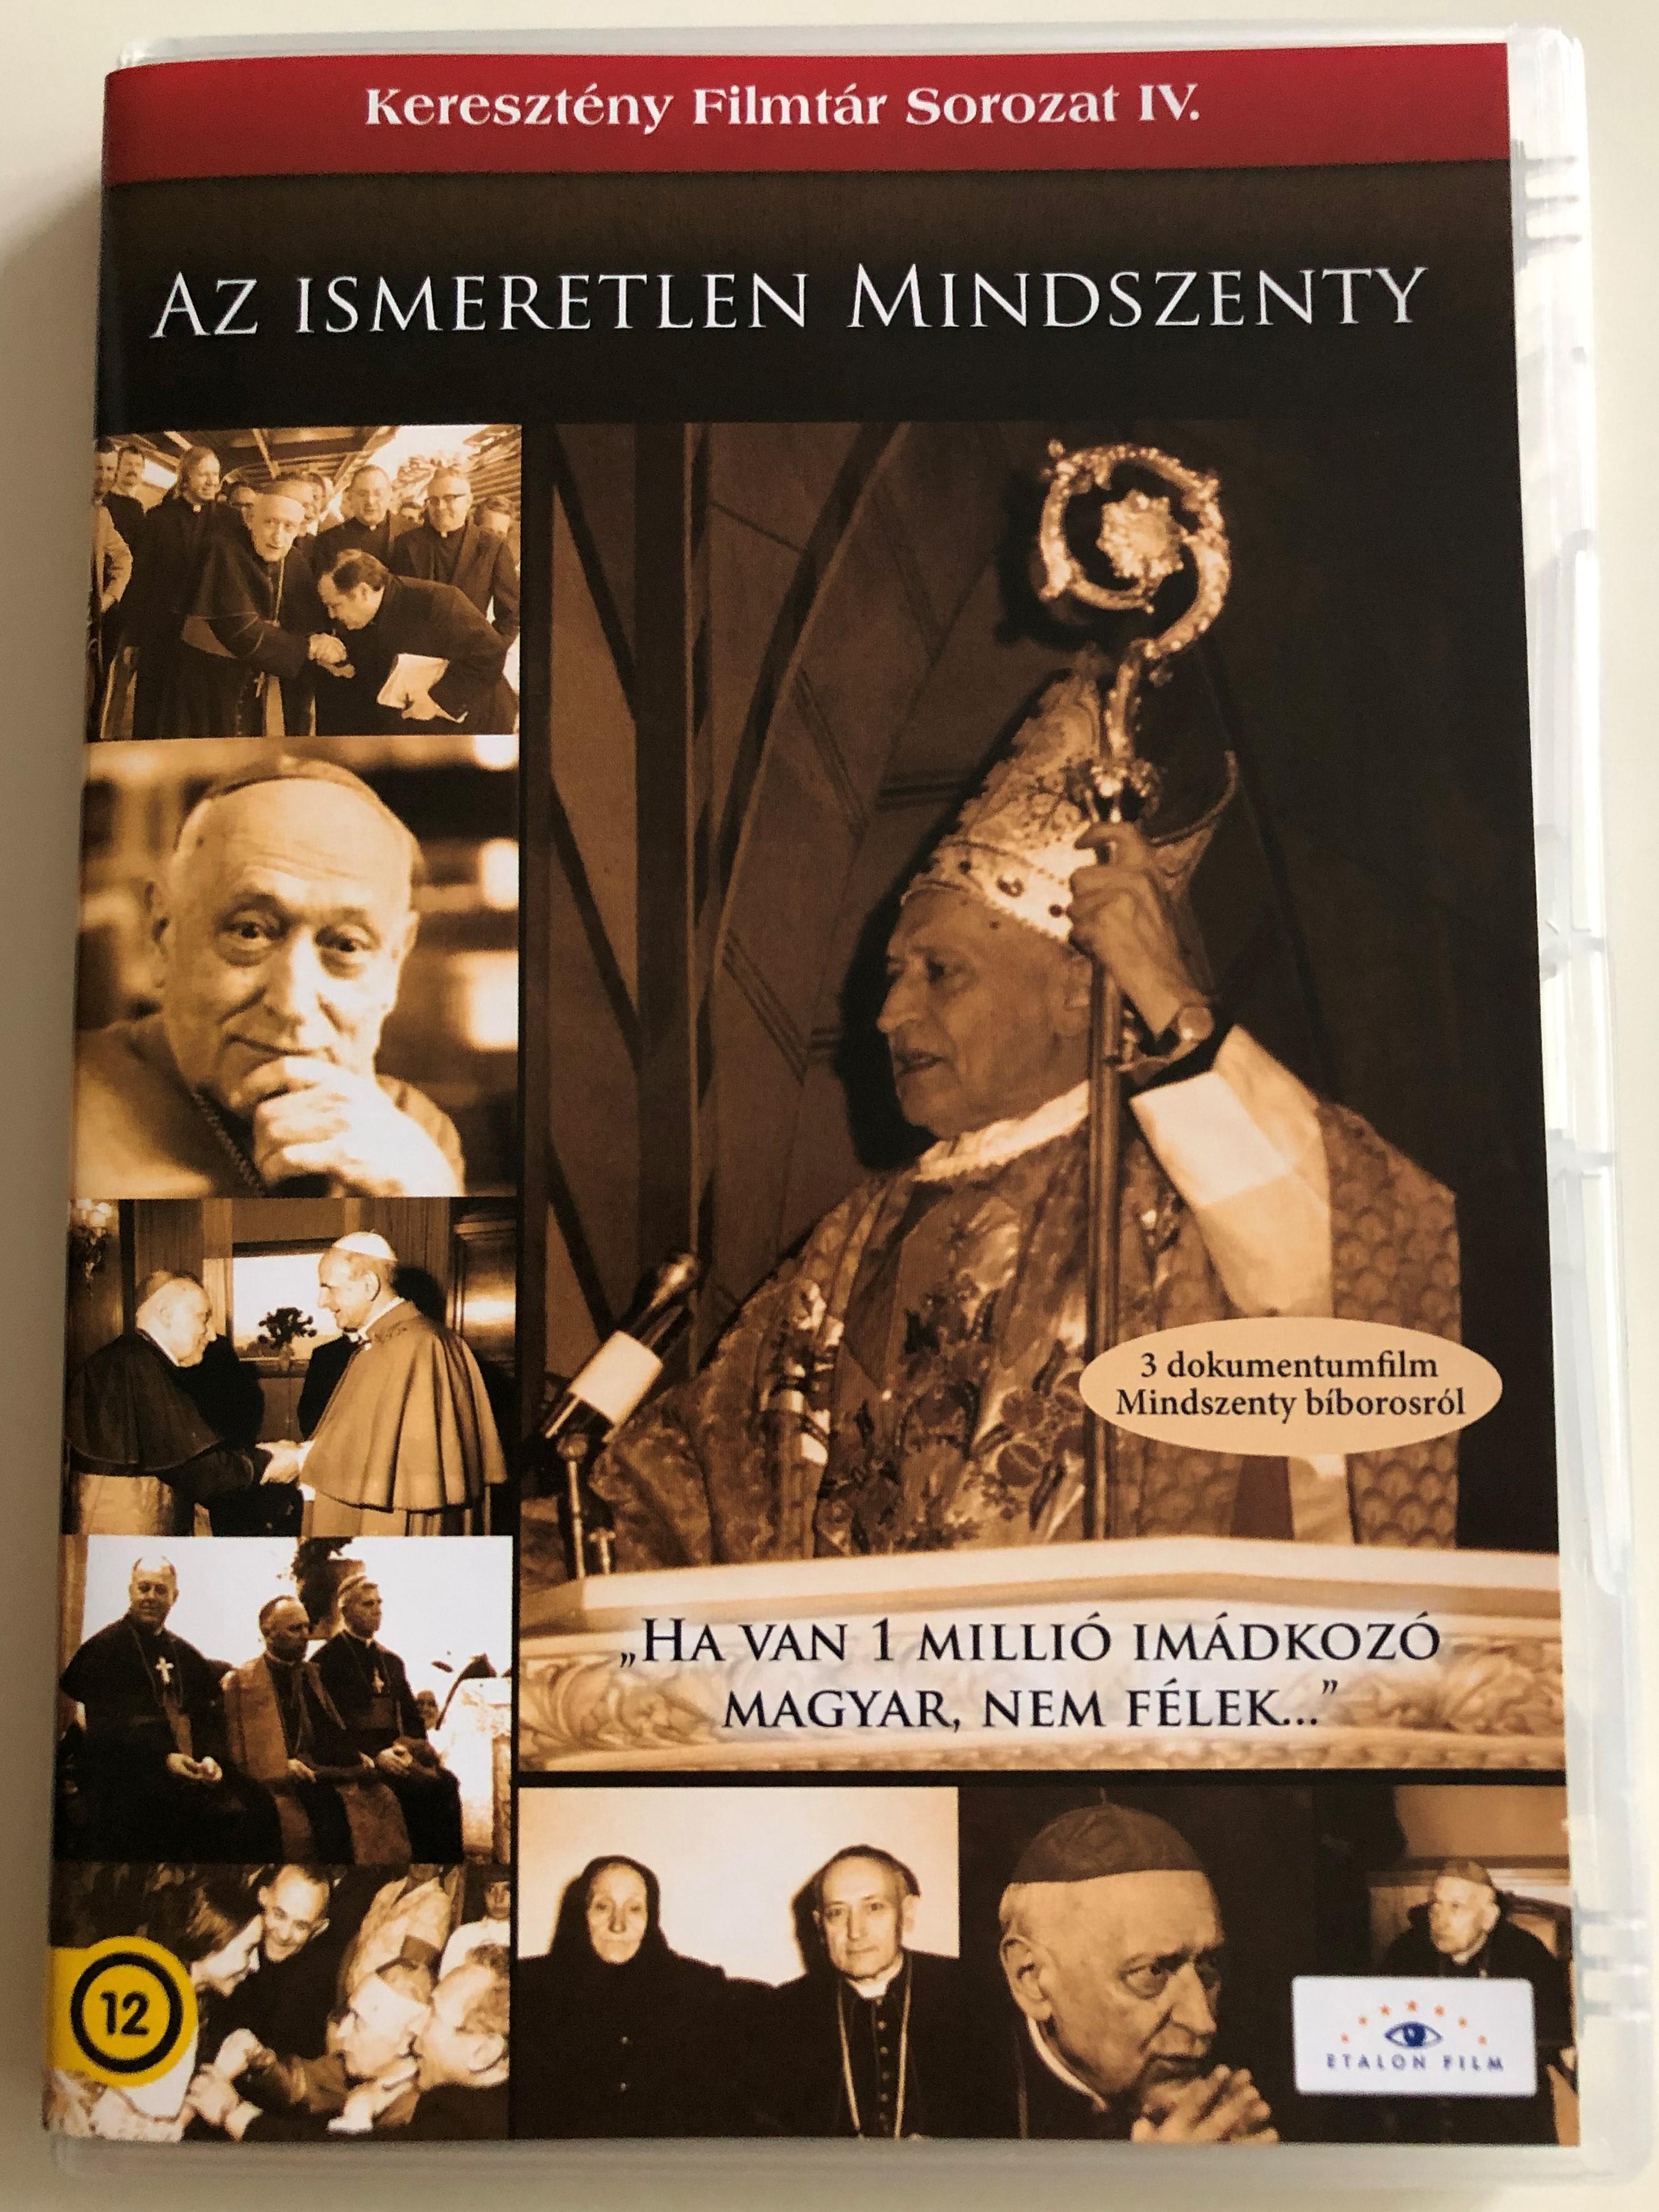 az-ismeretlen-mindszenty-dvd-2008-the-unknown-mindszenty-3-documentaries-about-cardinal-mindszenty-kereszt-ny-filmt-r-sorozat-iv.-etalon-film-1-.jpg